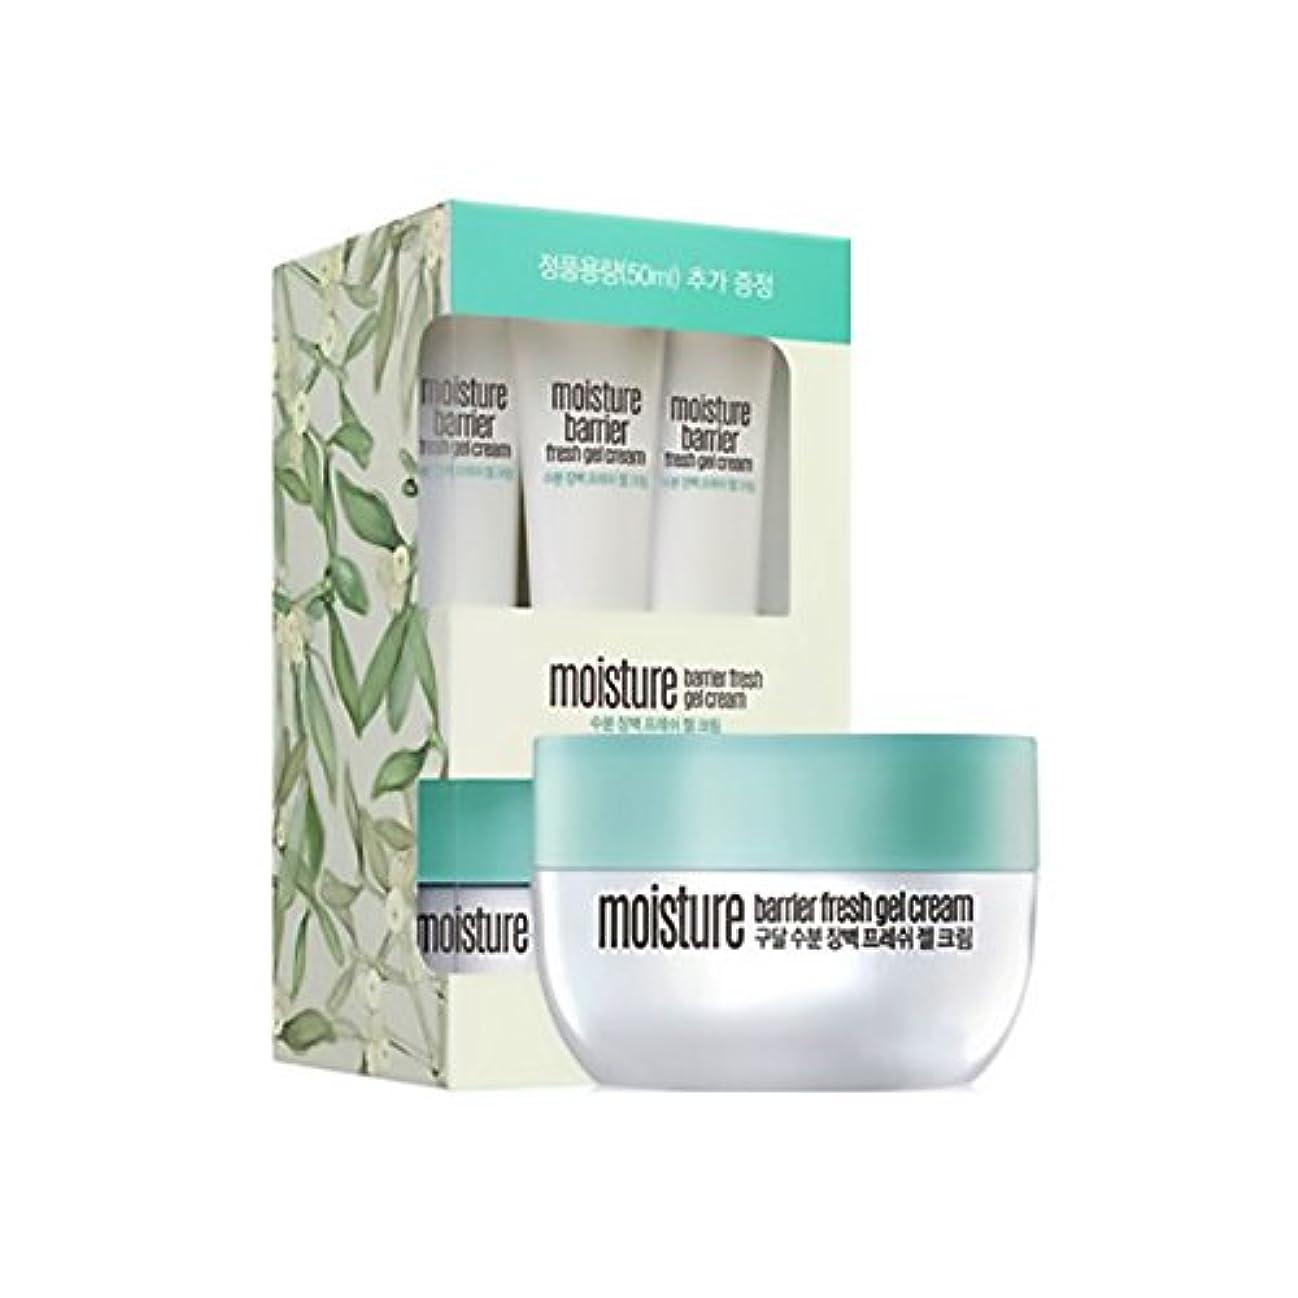 スナック栄光の状態goodal moisture barrier fresh gel cream set